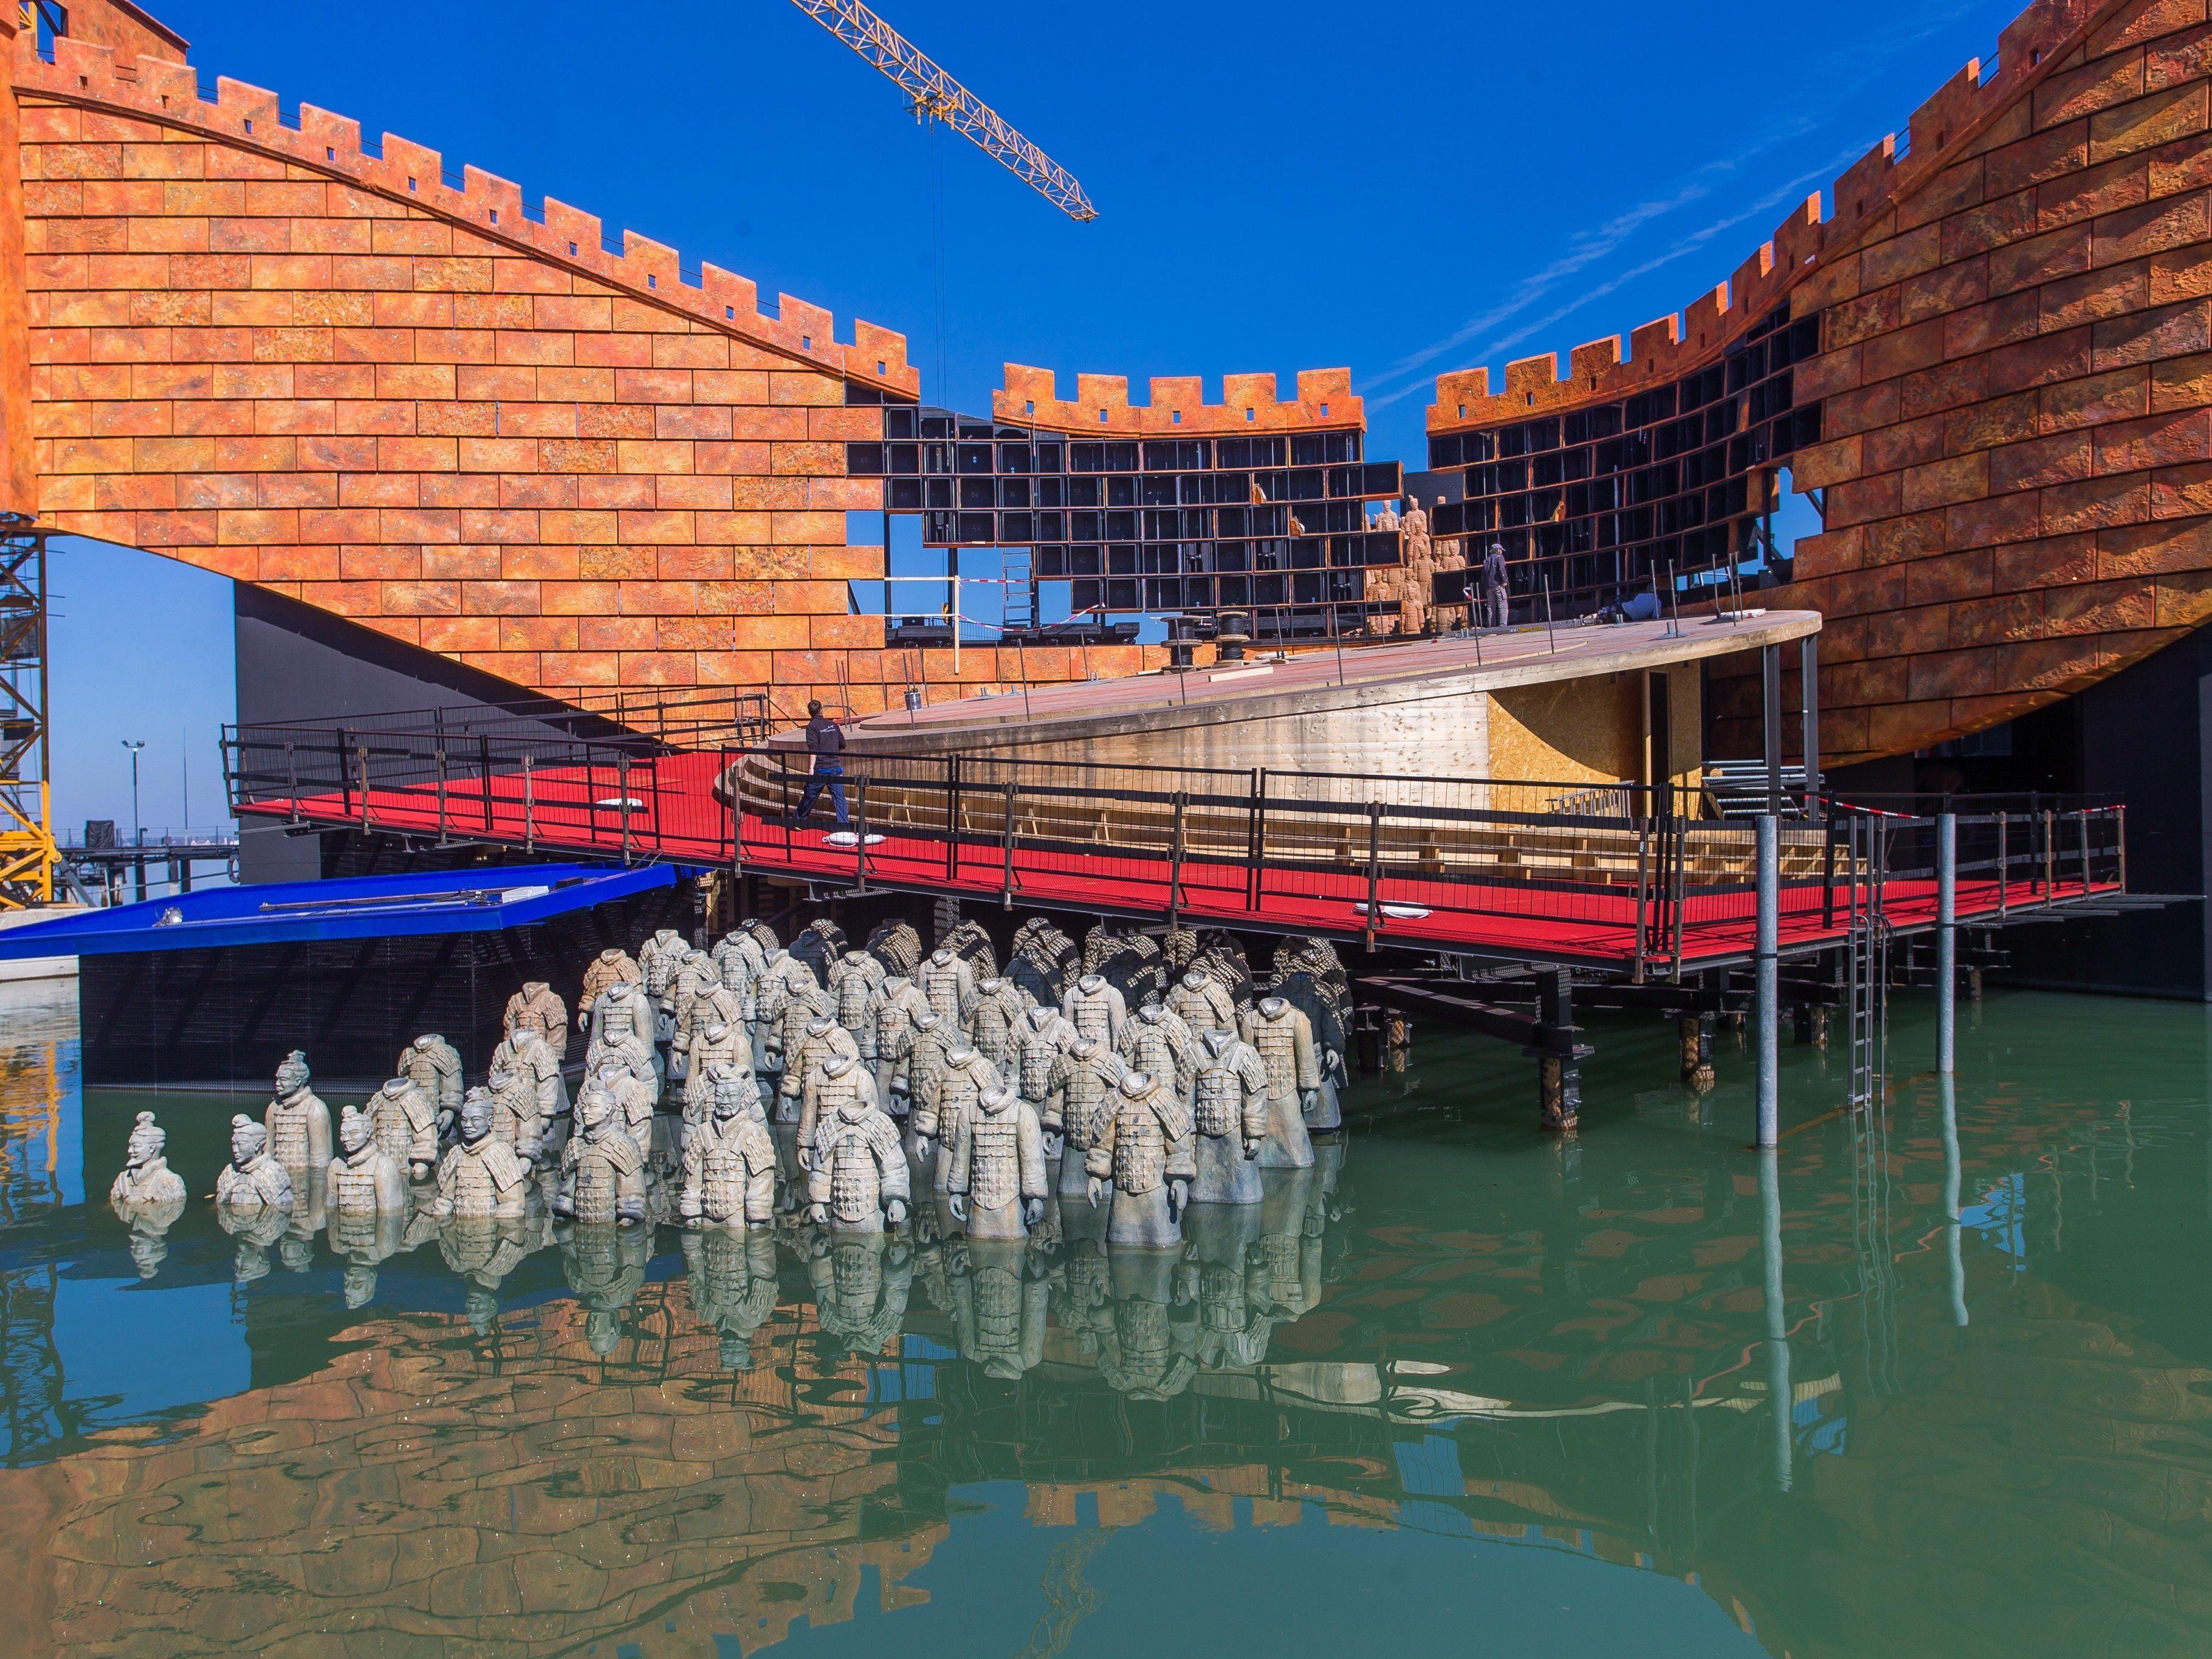 Die neue Kulisse der Seebühne soll die Chinesische Mauer darstellen.